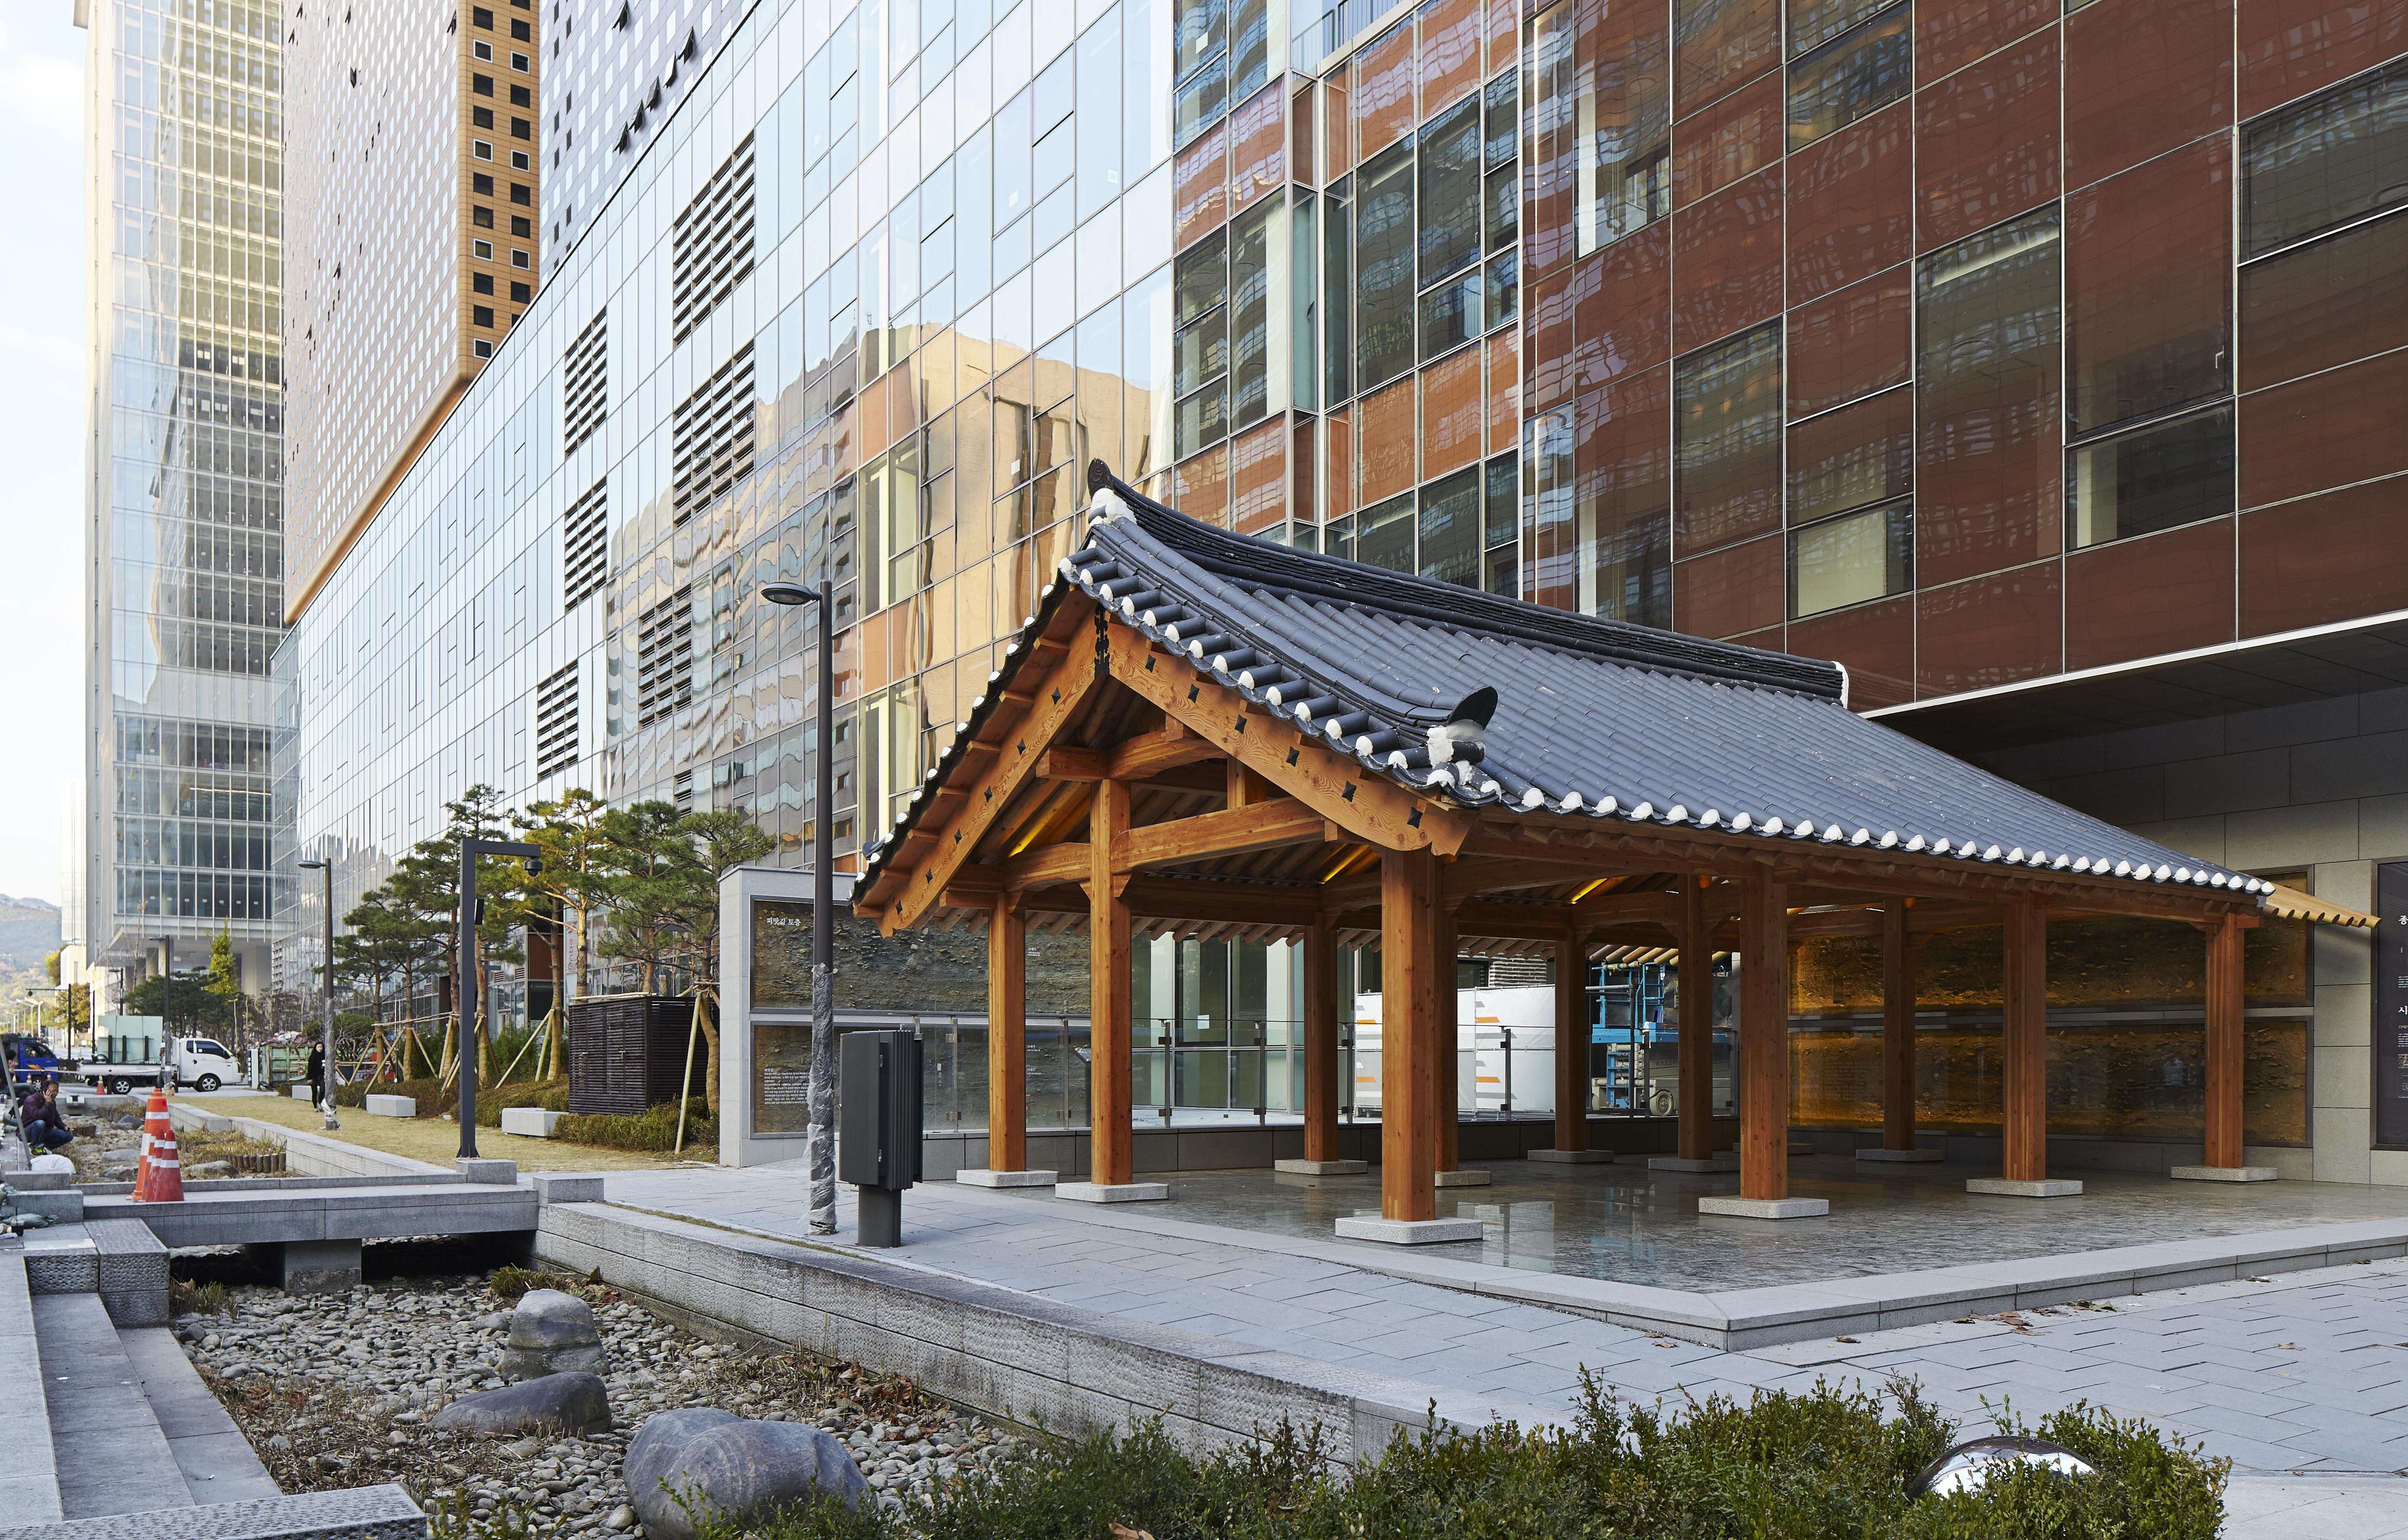 〔안정원의 디자인 칼럼〕 과거와 현재가 공존하는 문화 지향형 오피스 건축 3